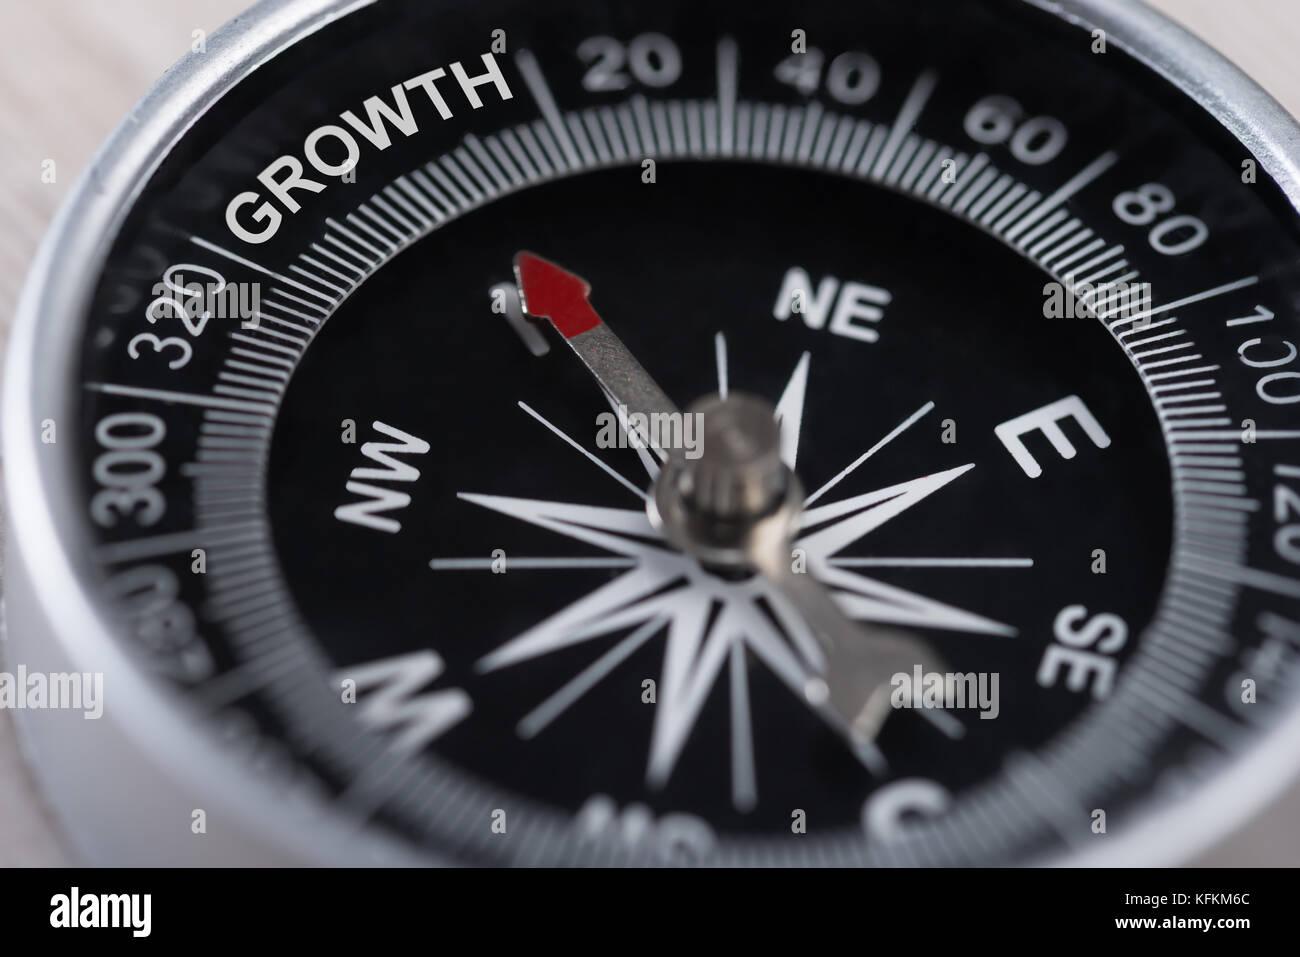 Primer plano de una brújula que indica el crecimiento. El crecimiento empresarial concepto Imagen De Stock